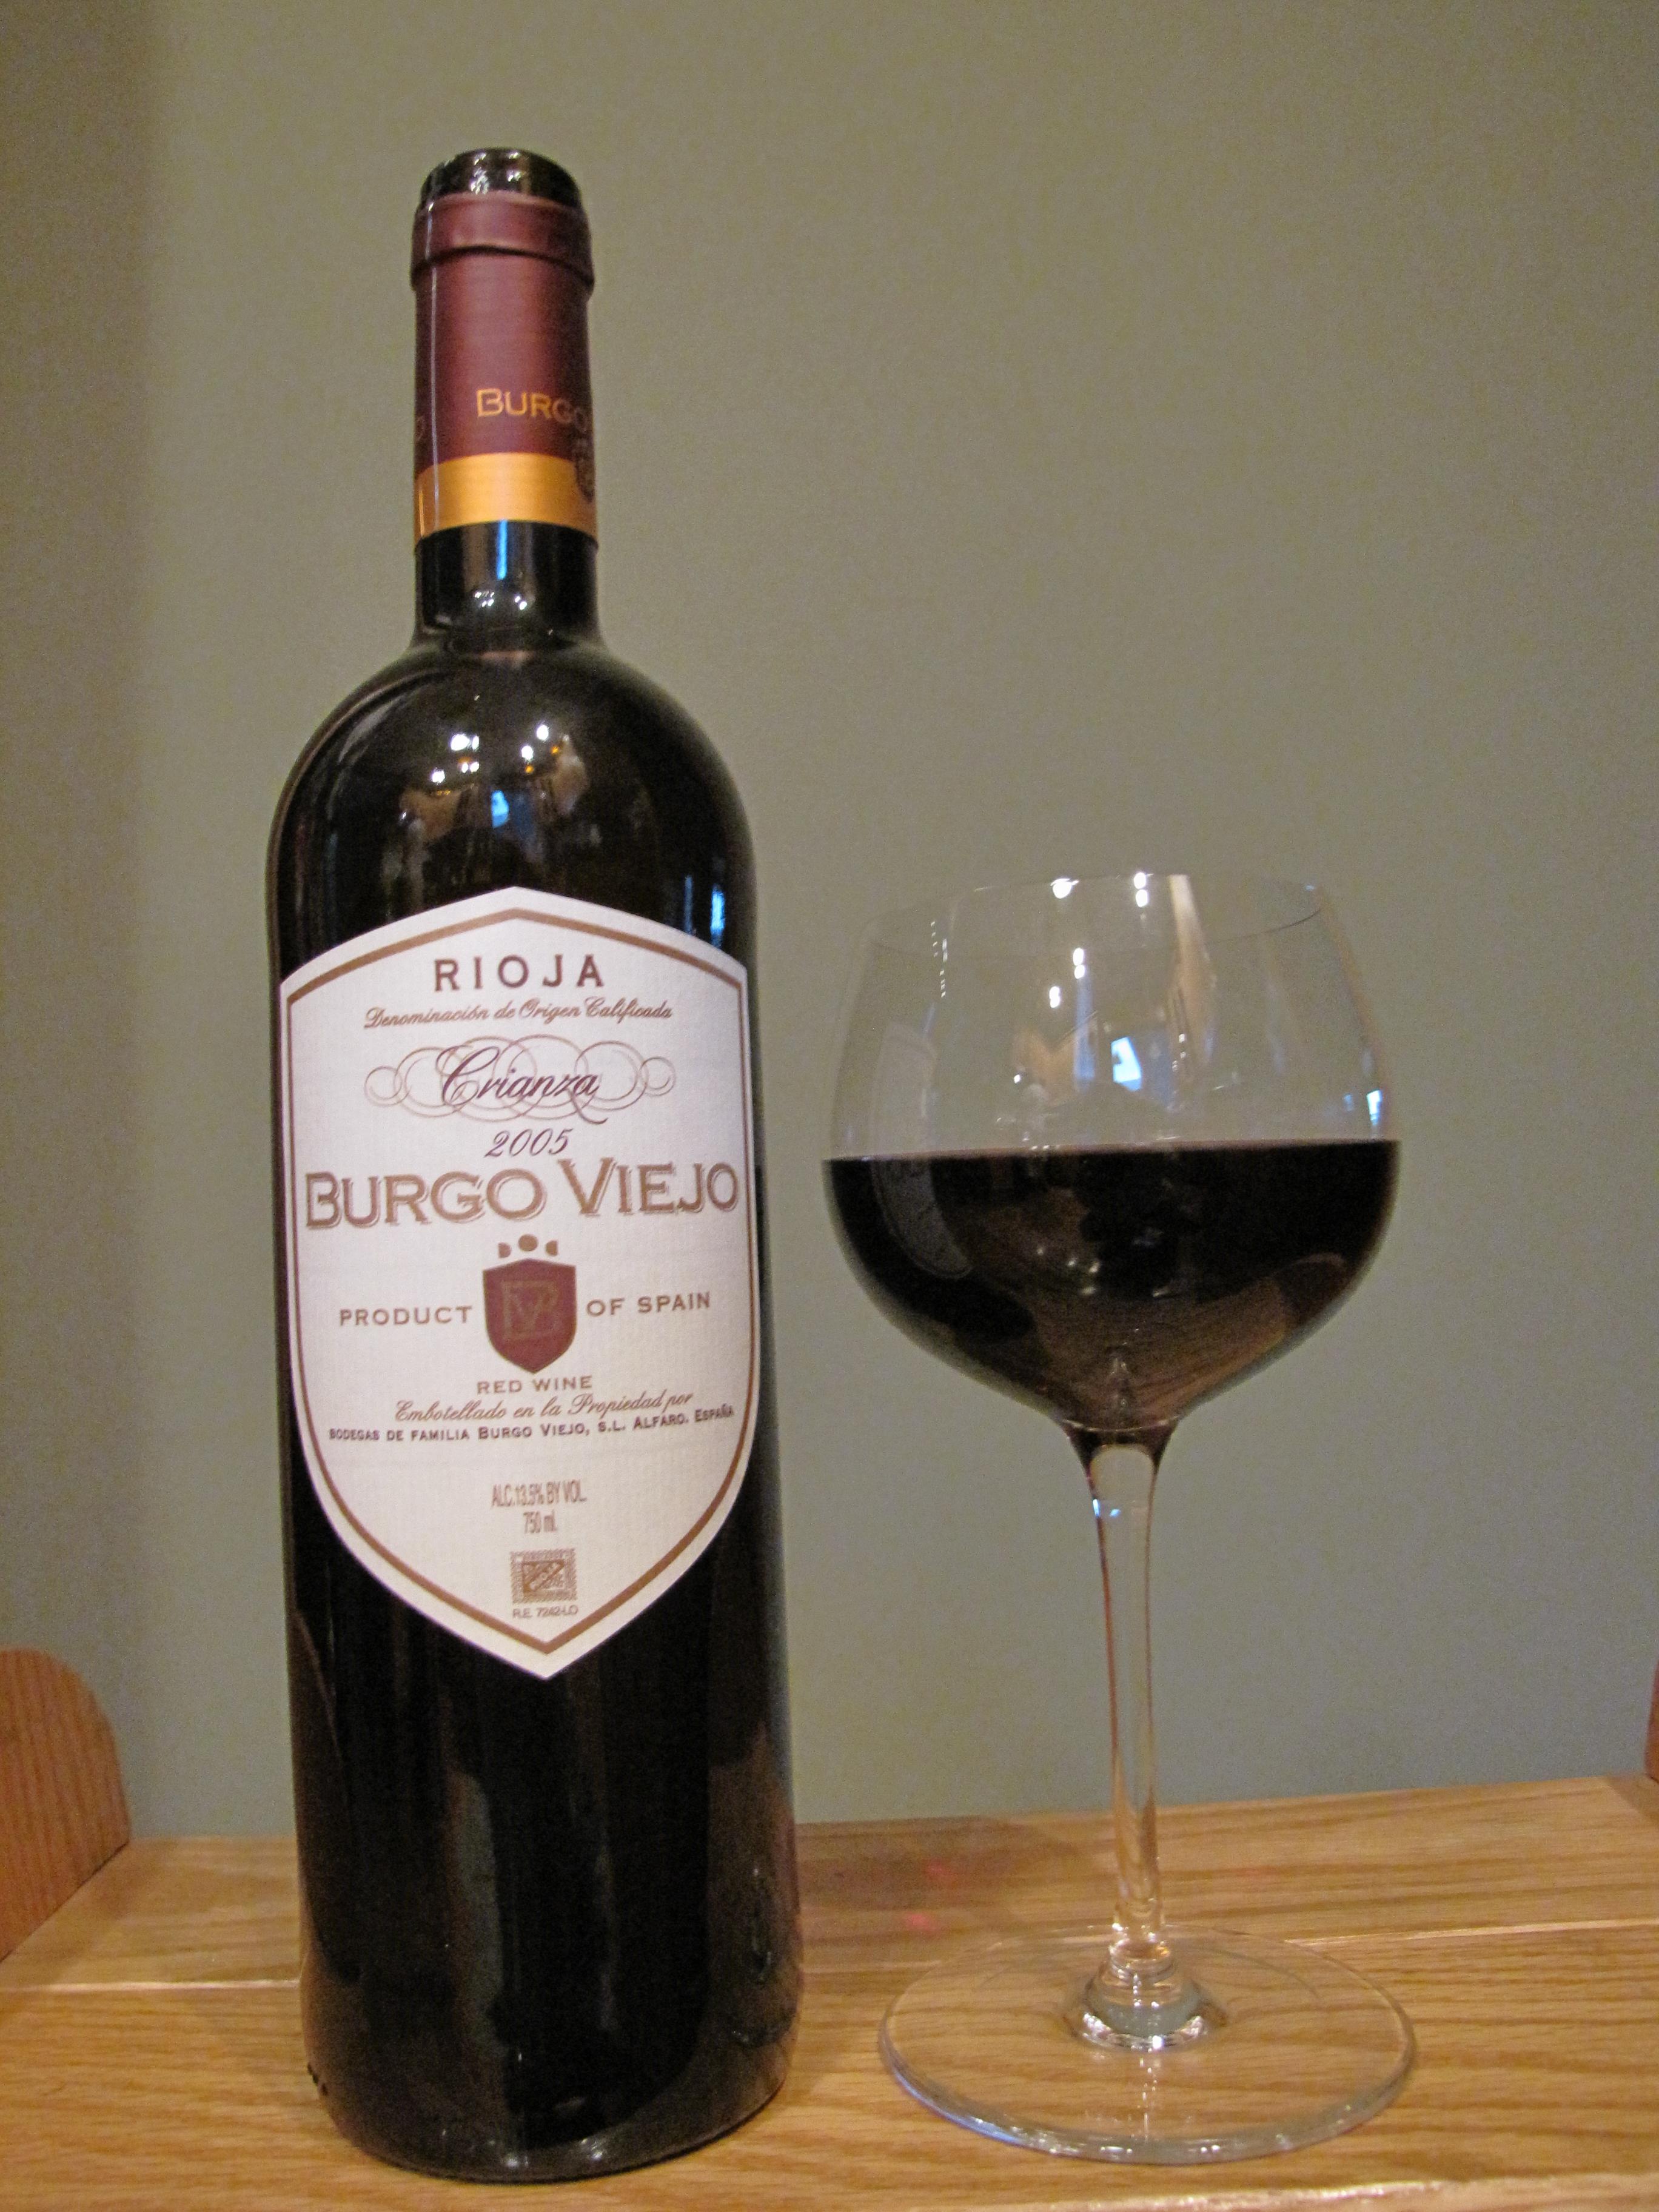 Burgo Viejo Rioja Crianza (2005)